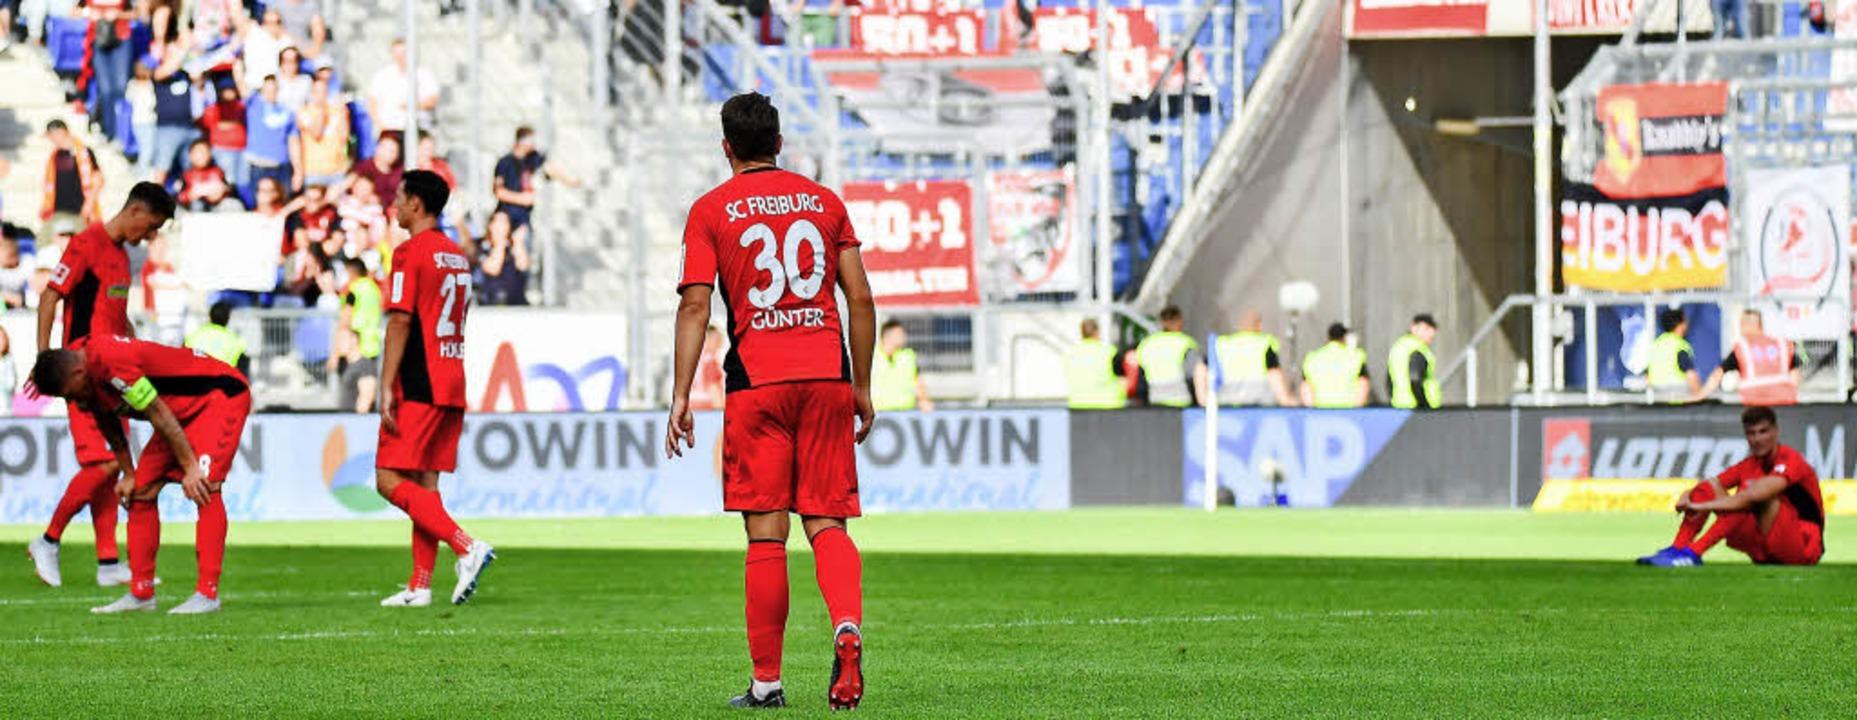 Alles gegeben, und doch verloren: nied...er nach dem 1:3 bei der TSG Hoffenheim  | Foto: Keller